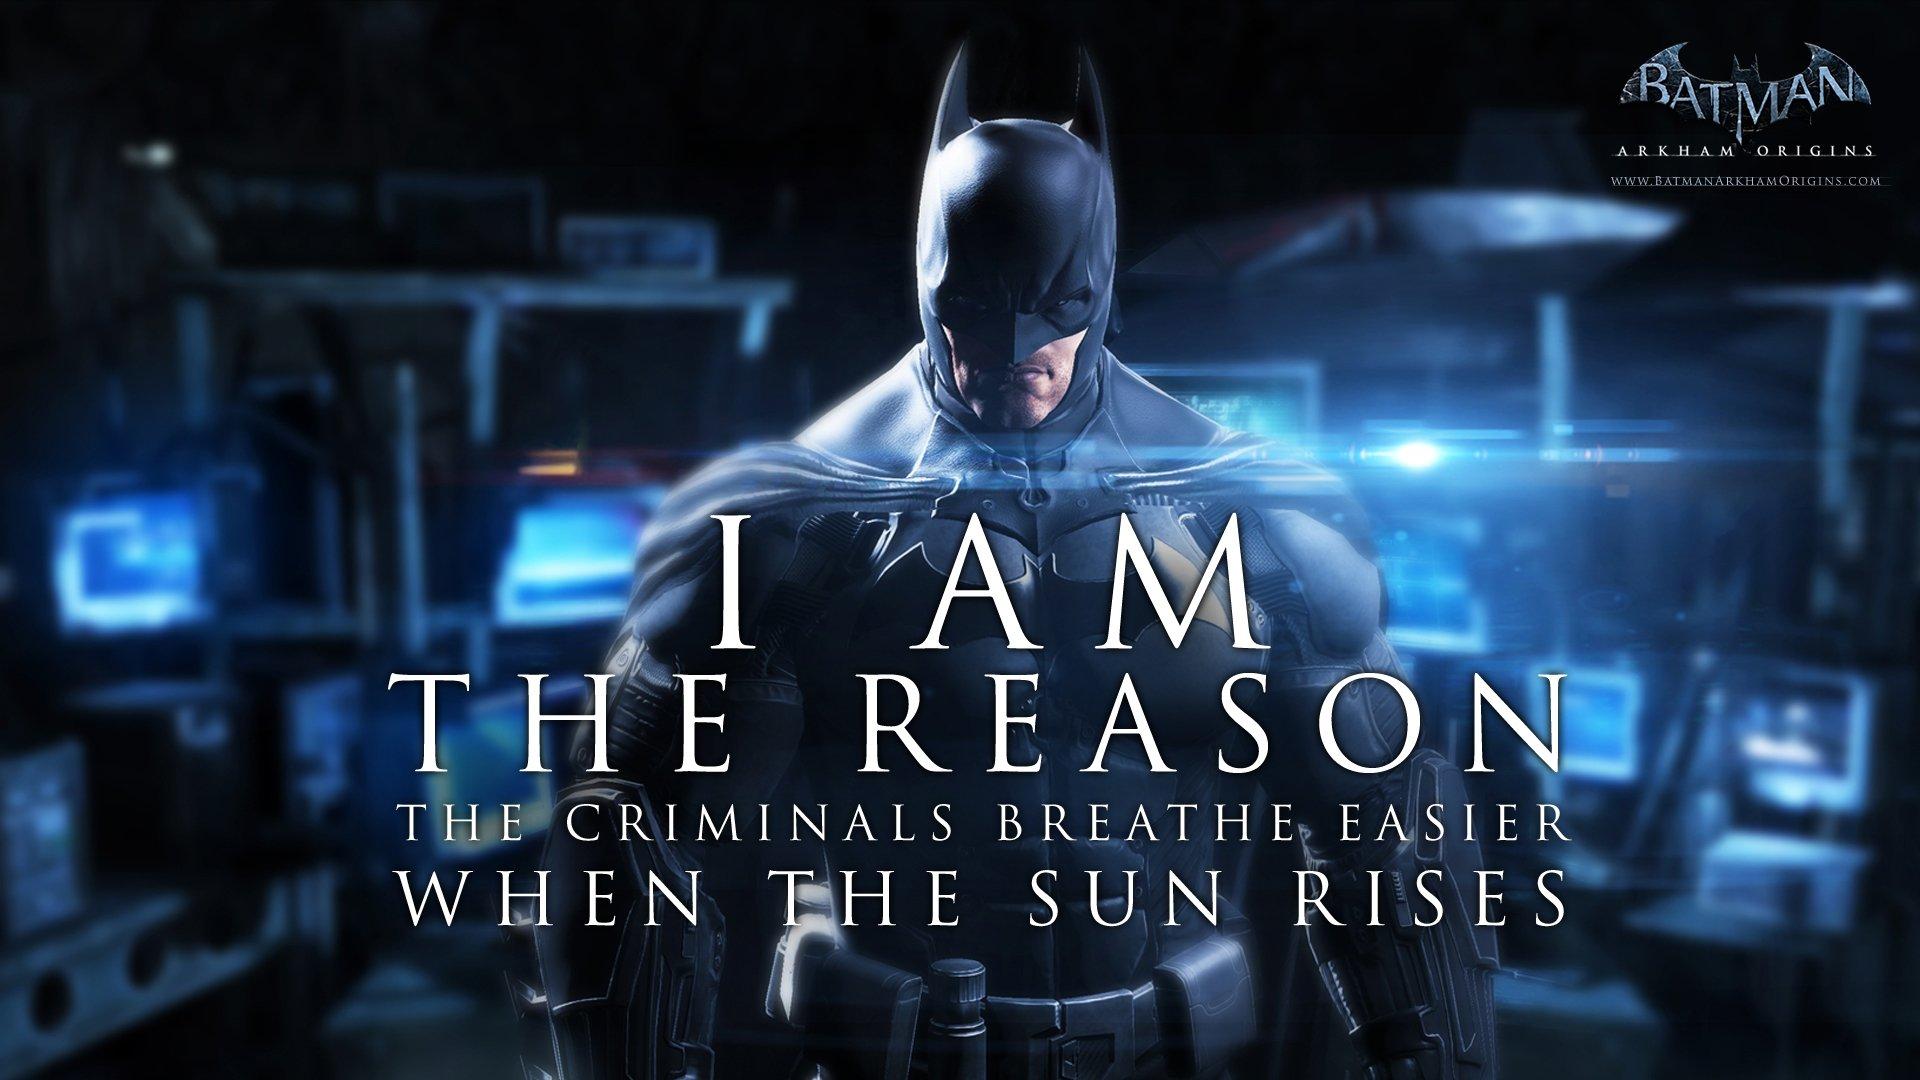 Batman: Arkham Origins HD Wallpaper